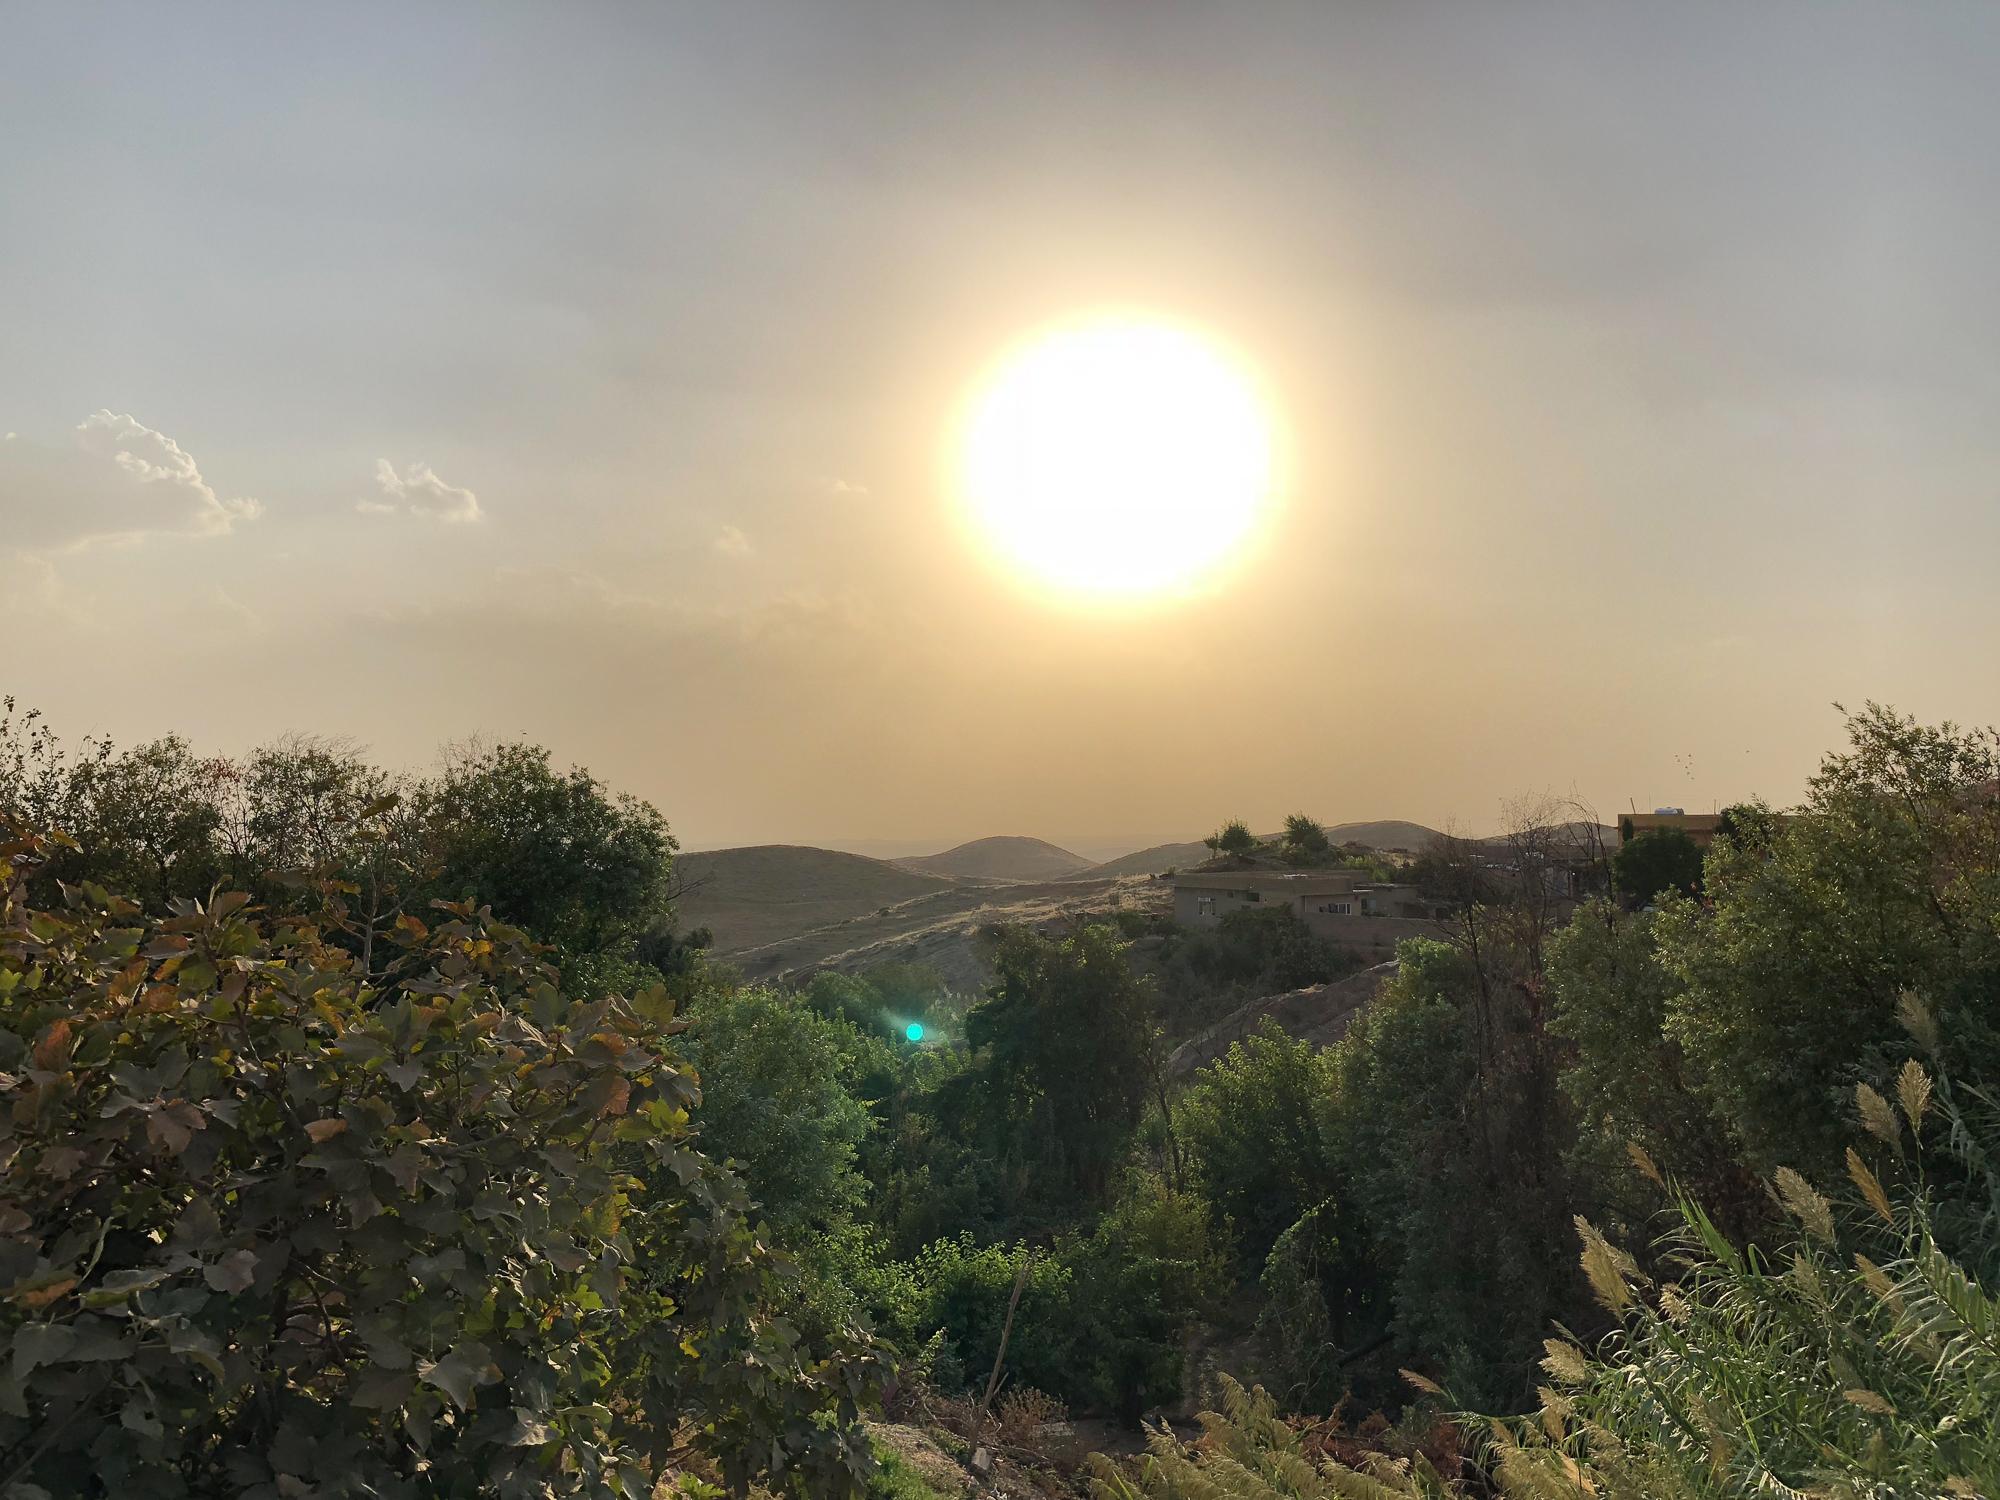 A landscape from Shekan